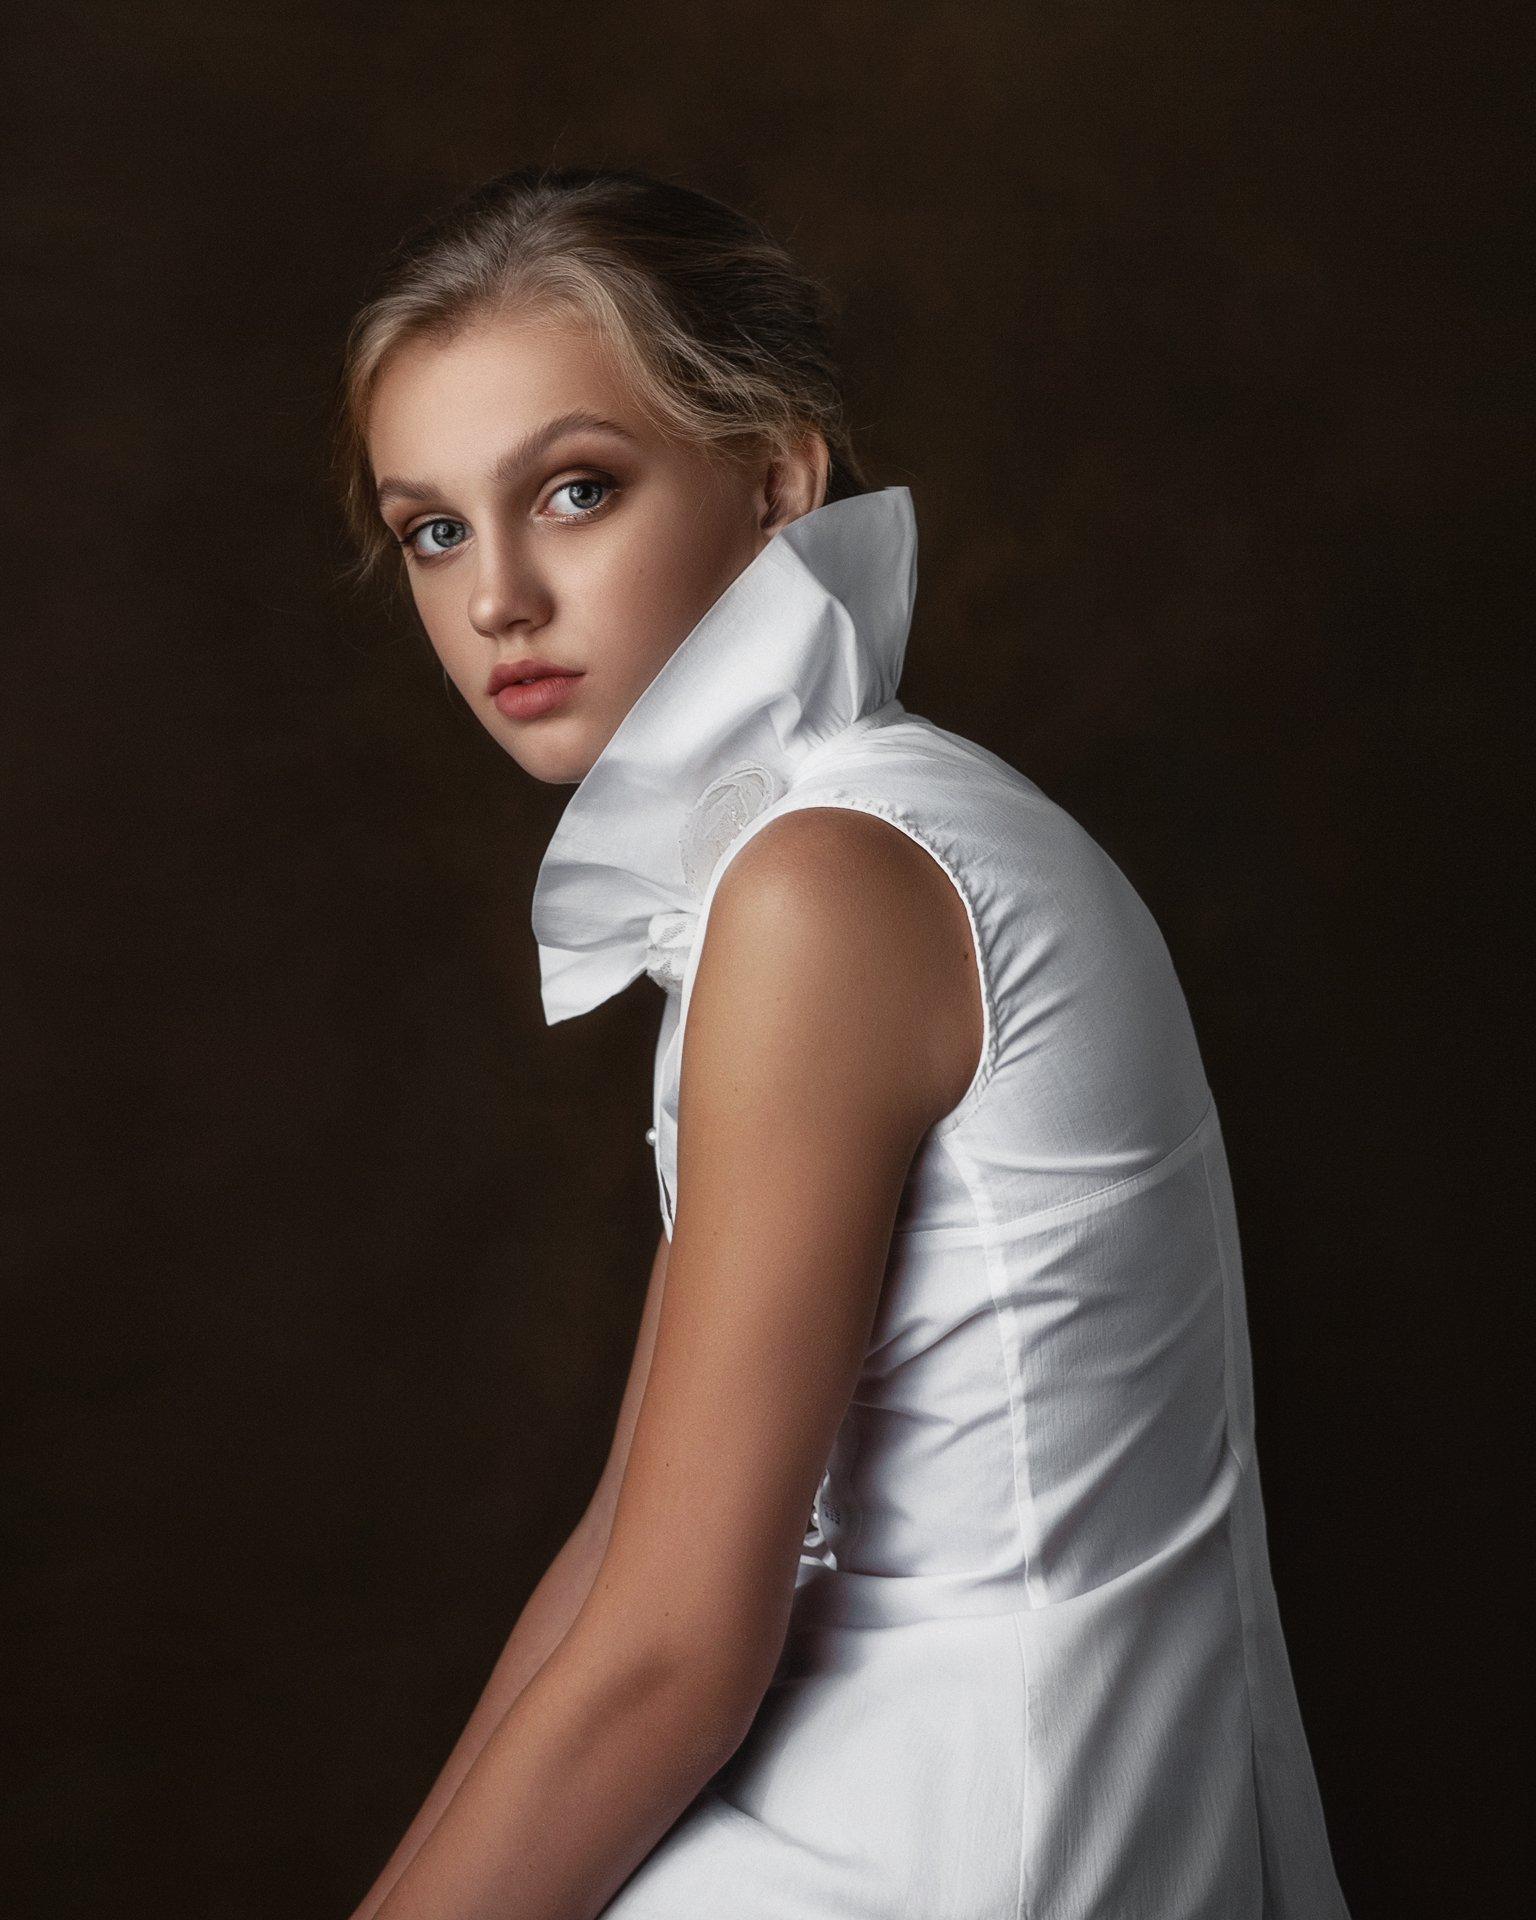 портрет, студия, артпортрет, модель, Макаров Максим